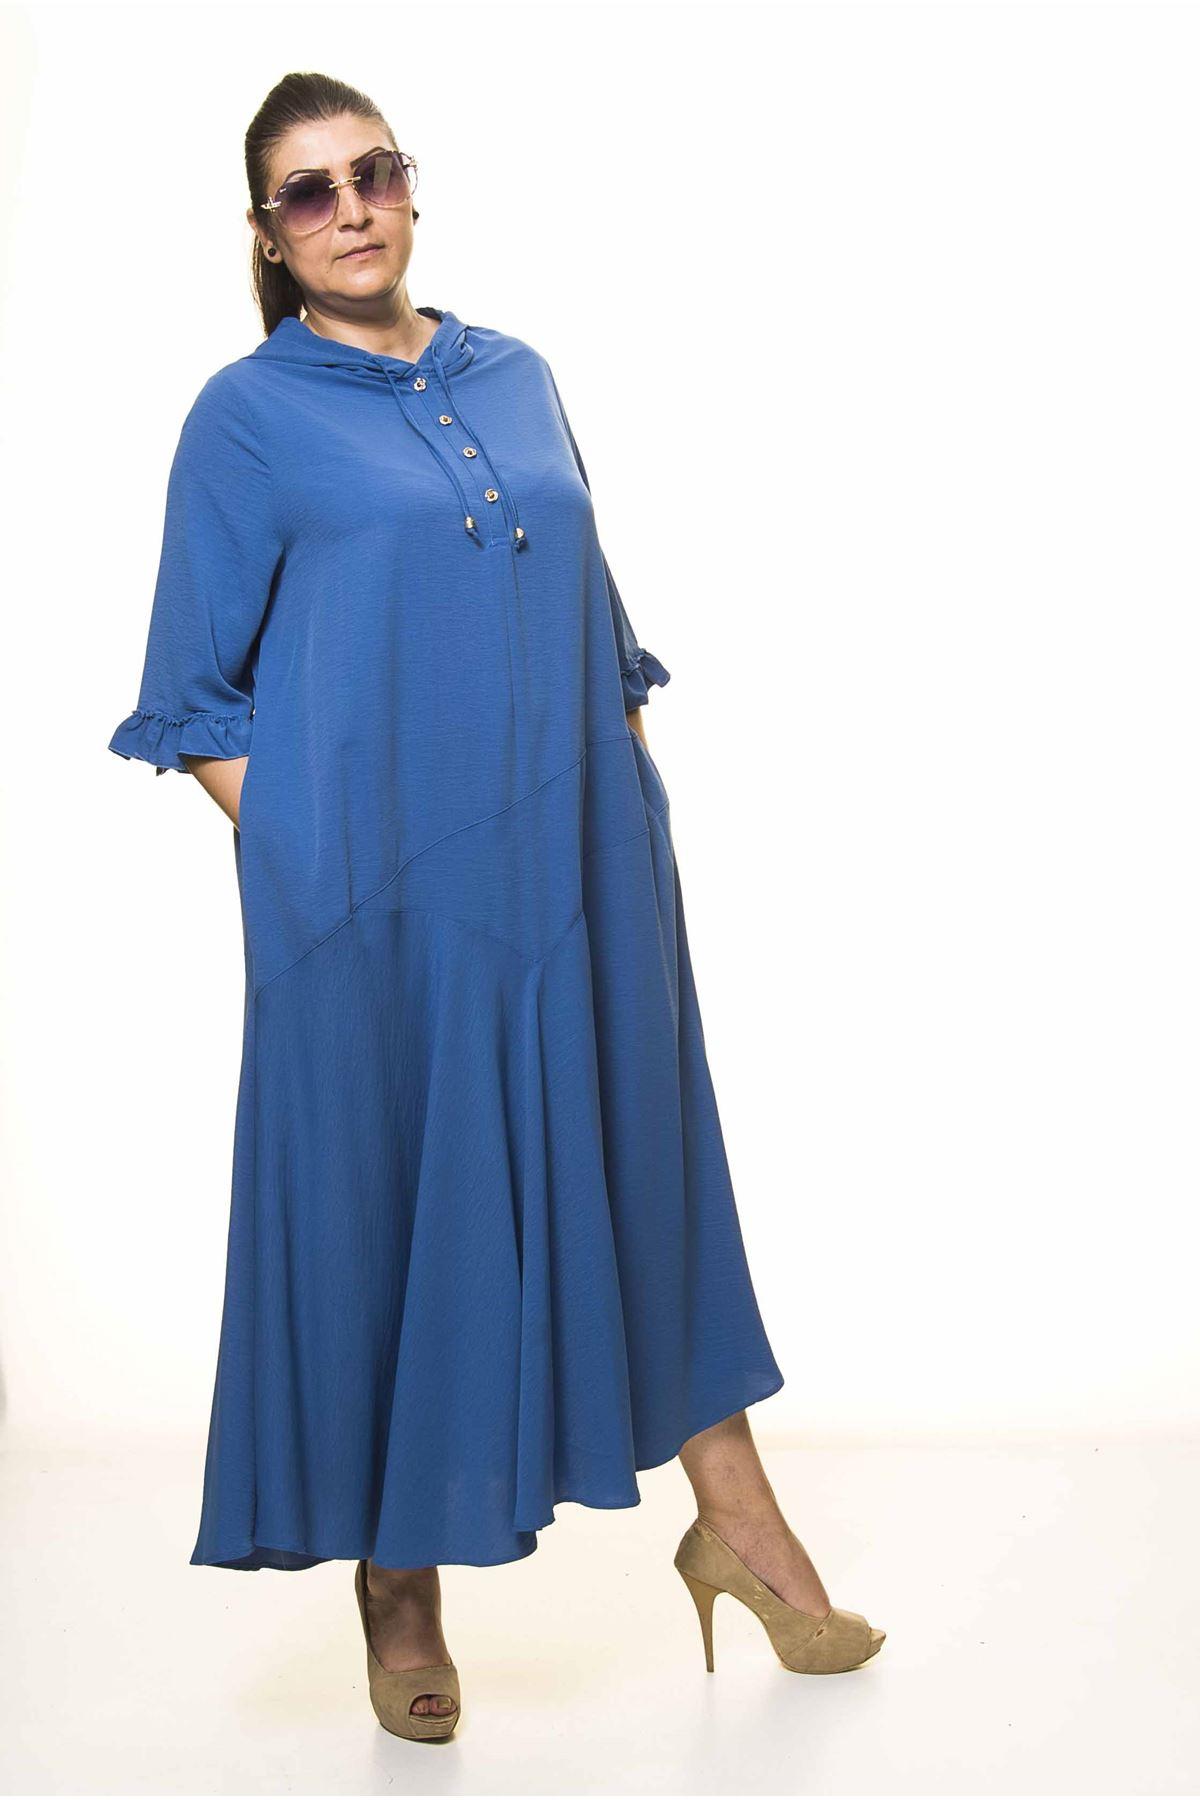 Kadın Büyük Beden Kapüşonlu Fıfrı Kol Mavi Uzun Elbise A3-4035